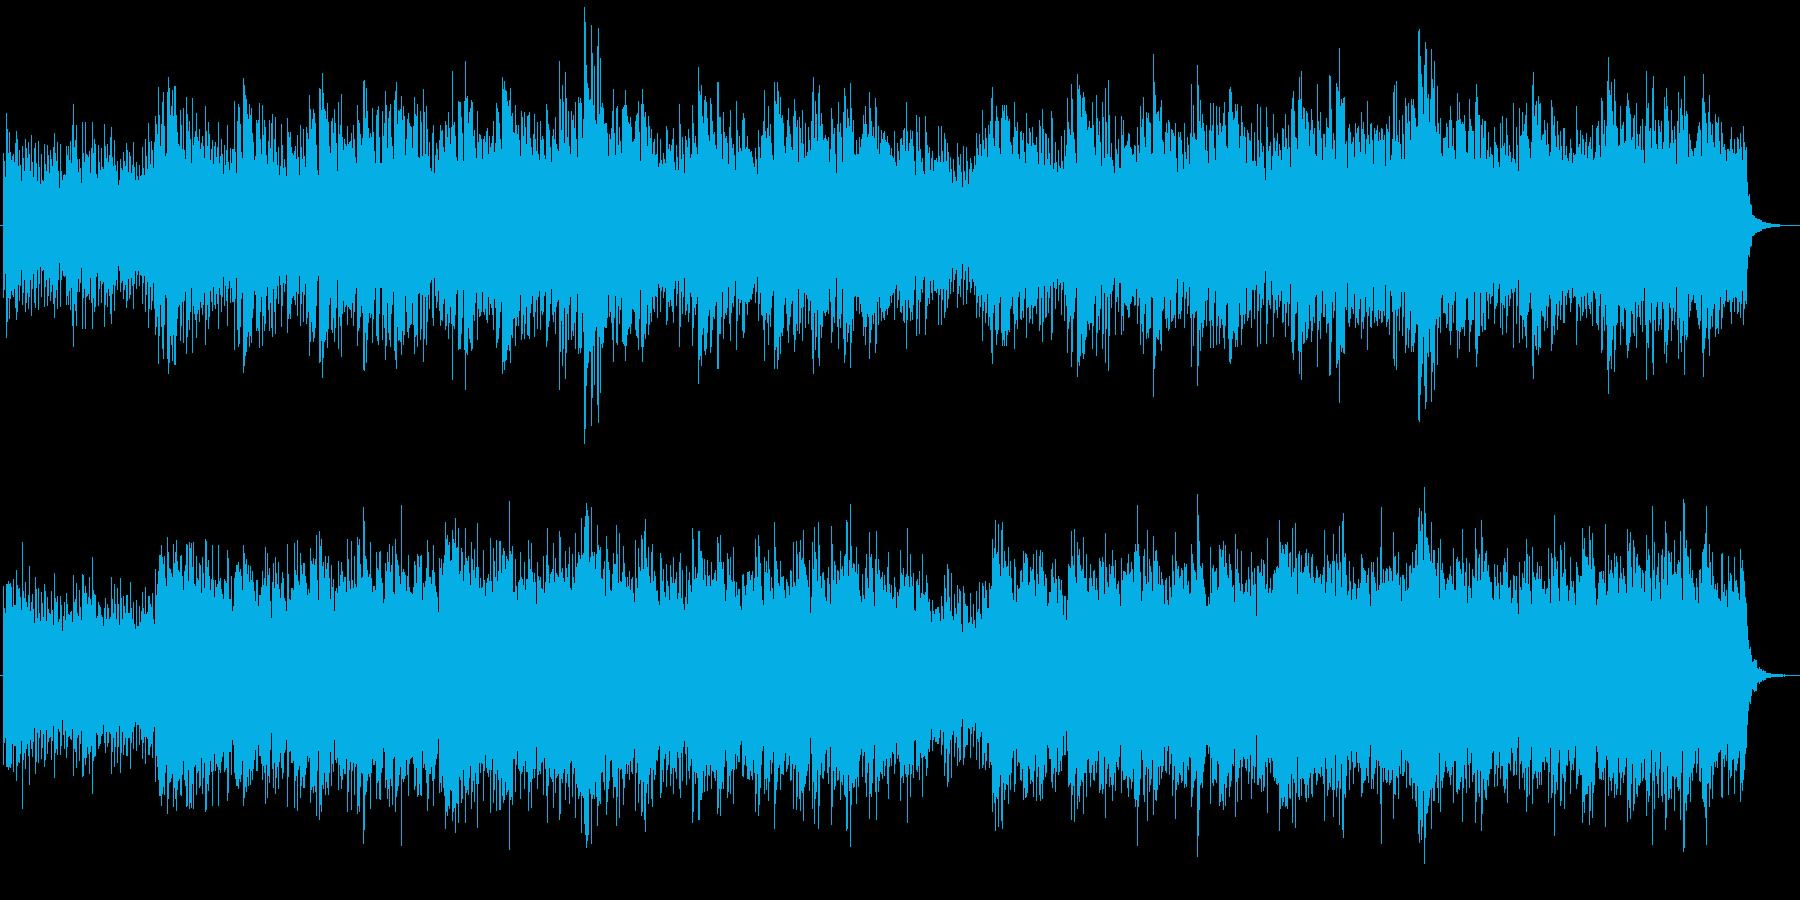 古代日本のイメージの和風幻想曲の再生済みの波形